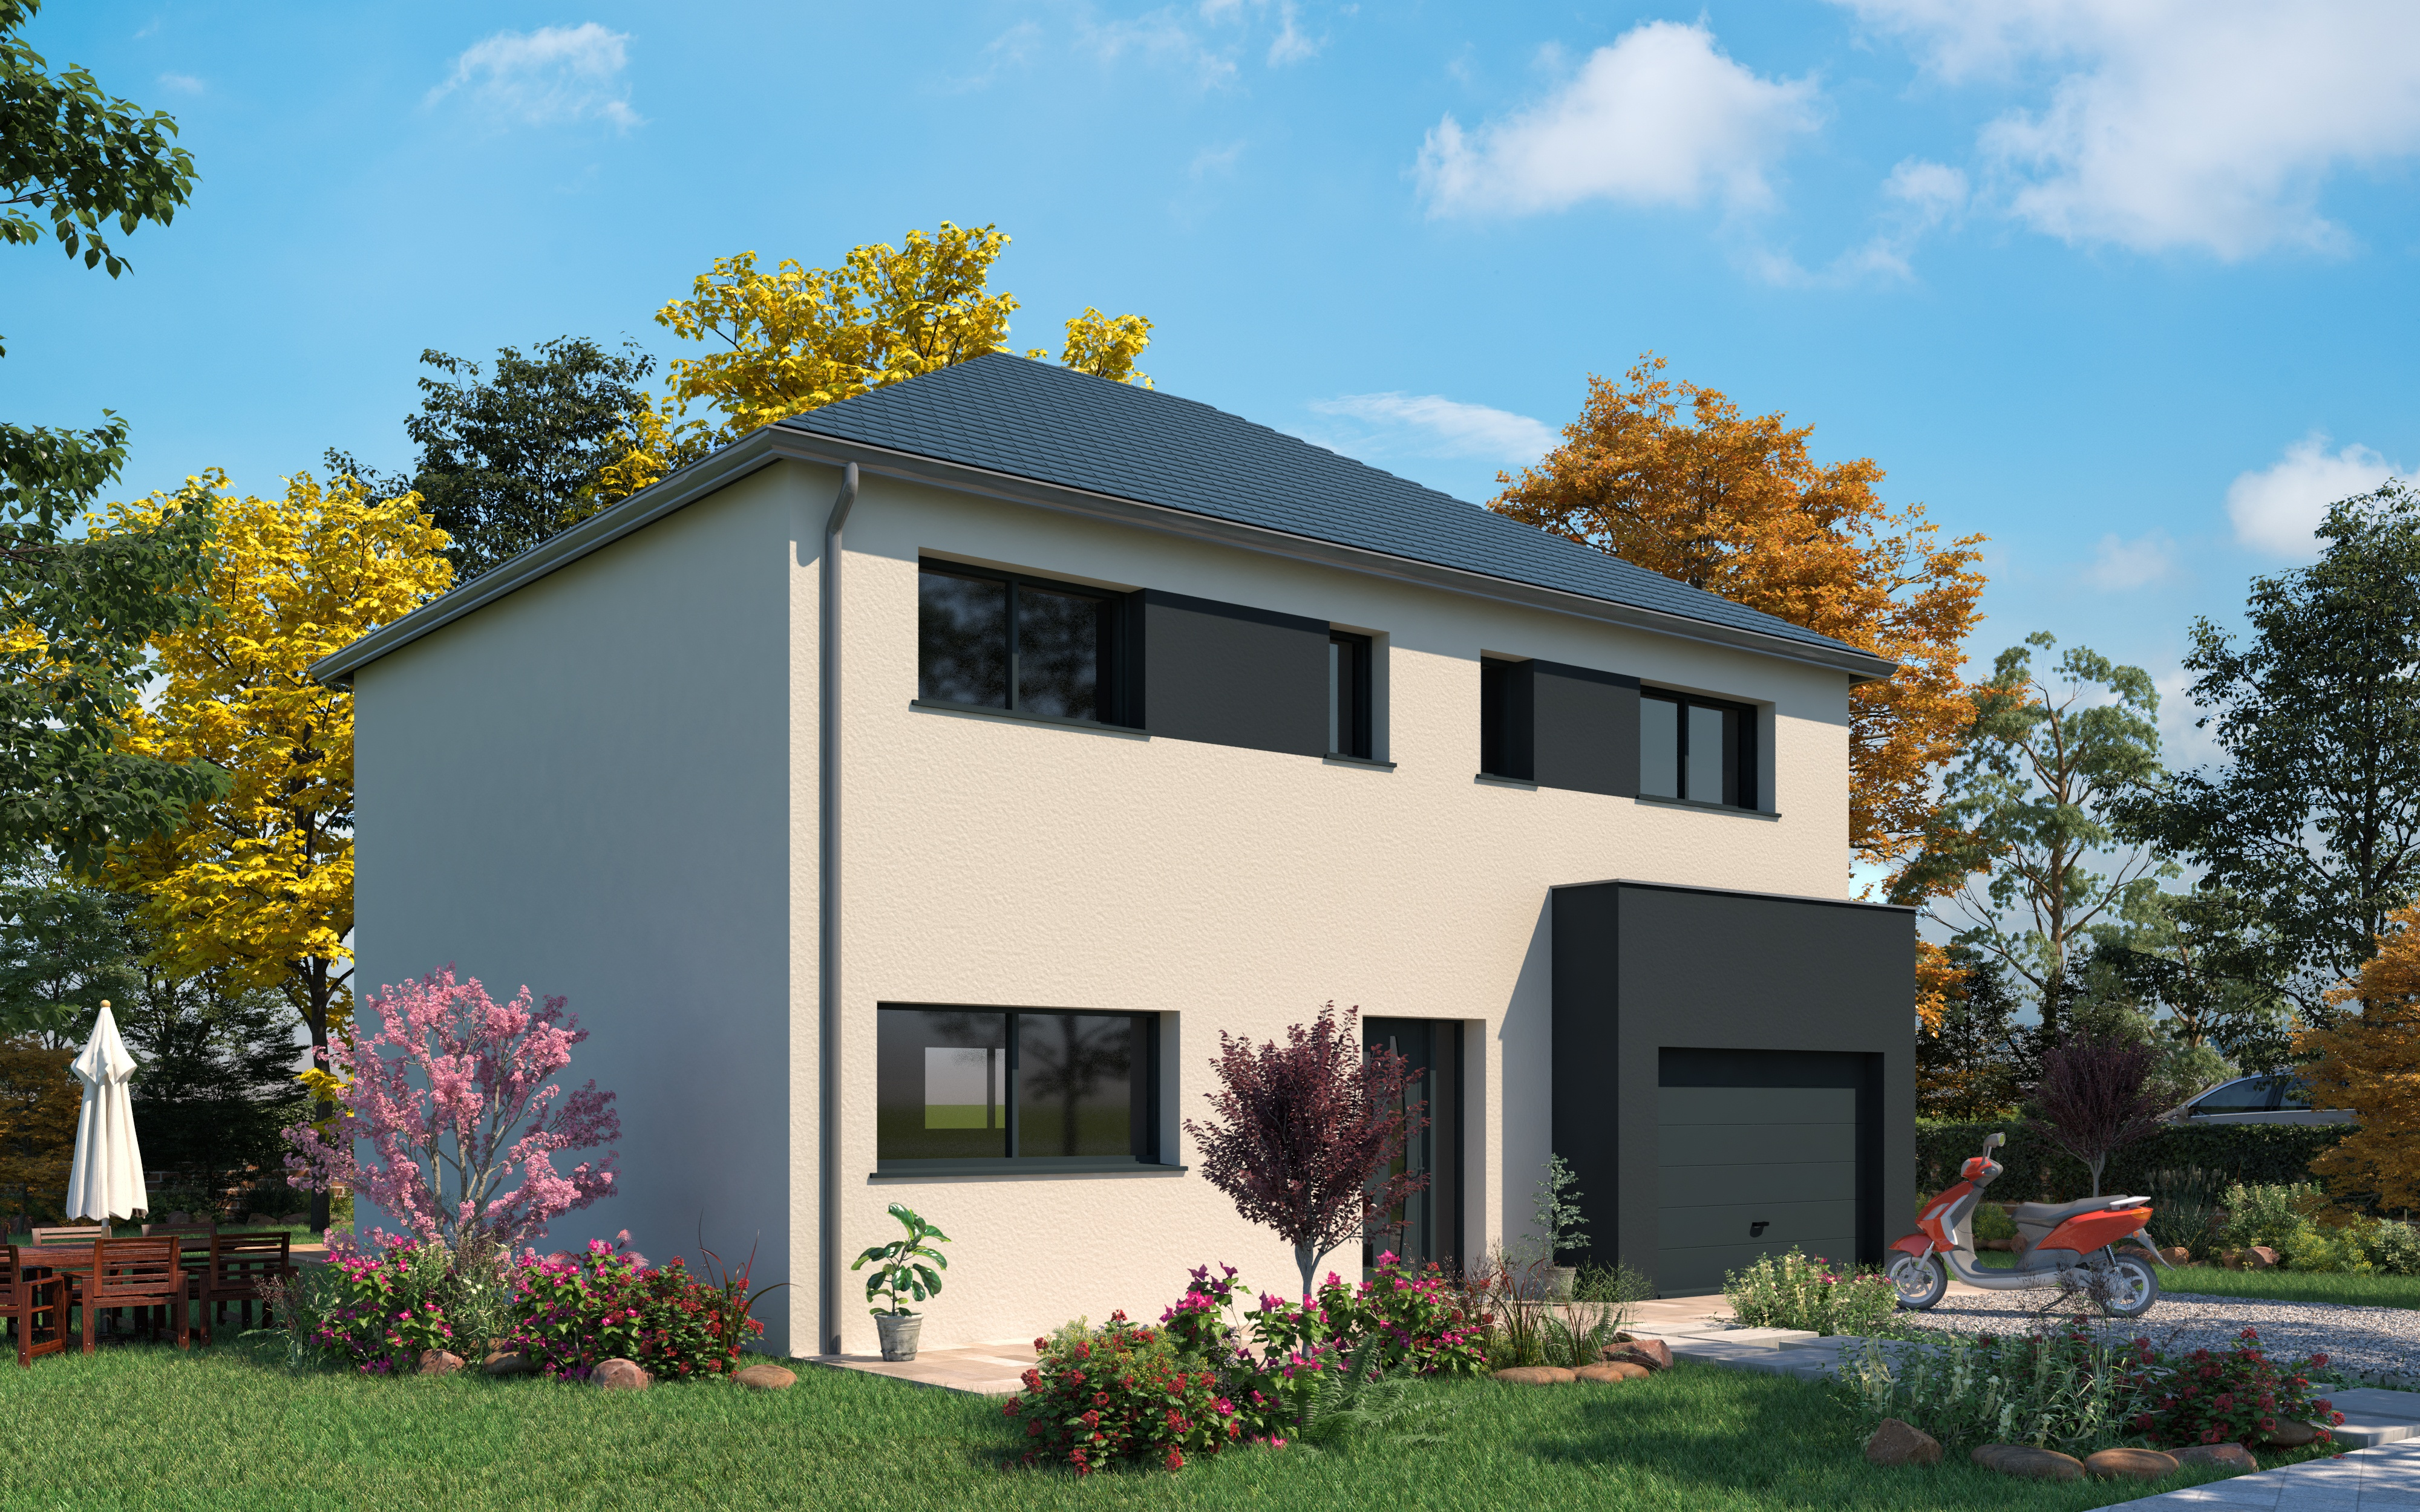 Maisons + Terrains du constructeur LES MAISONS.COM LA VILLE DU BOIS • 129 m² • MAISSE